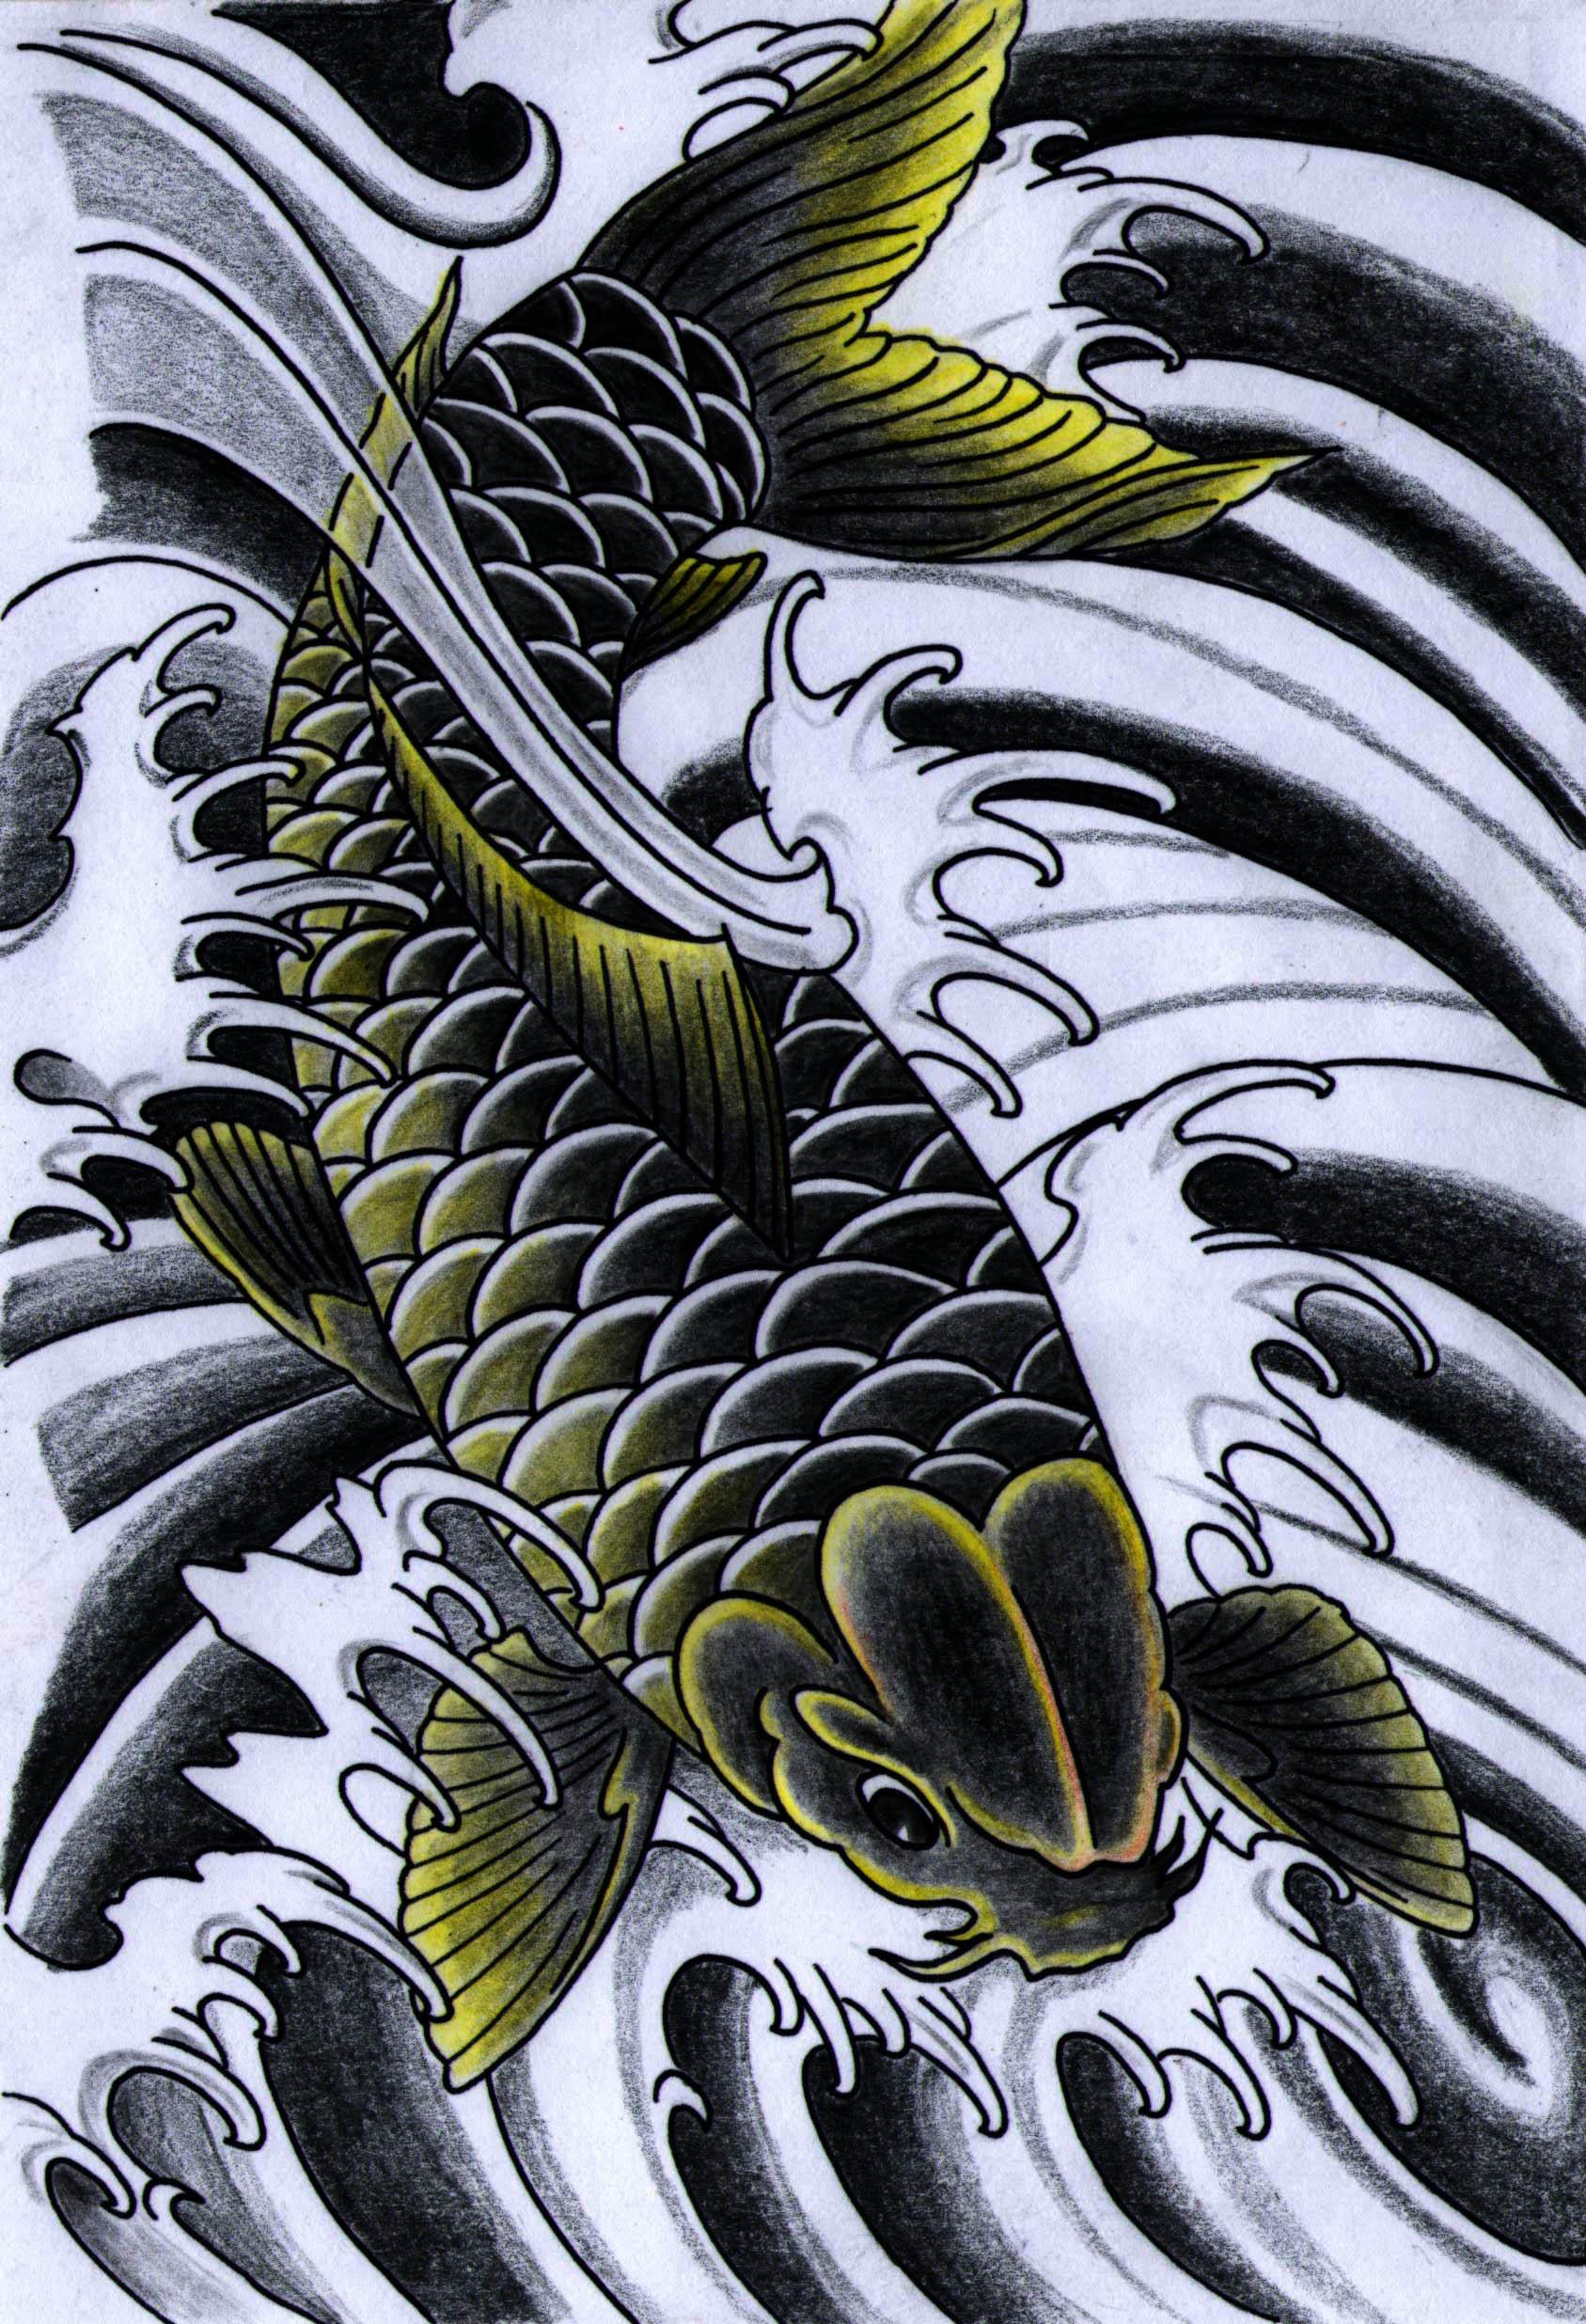 Black koi by iamthesorrow on deviantart for Black koi tattoo